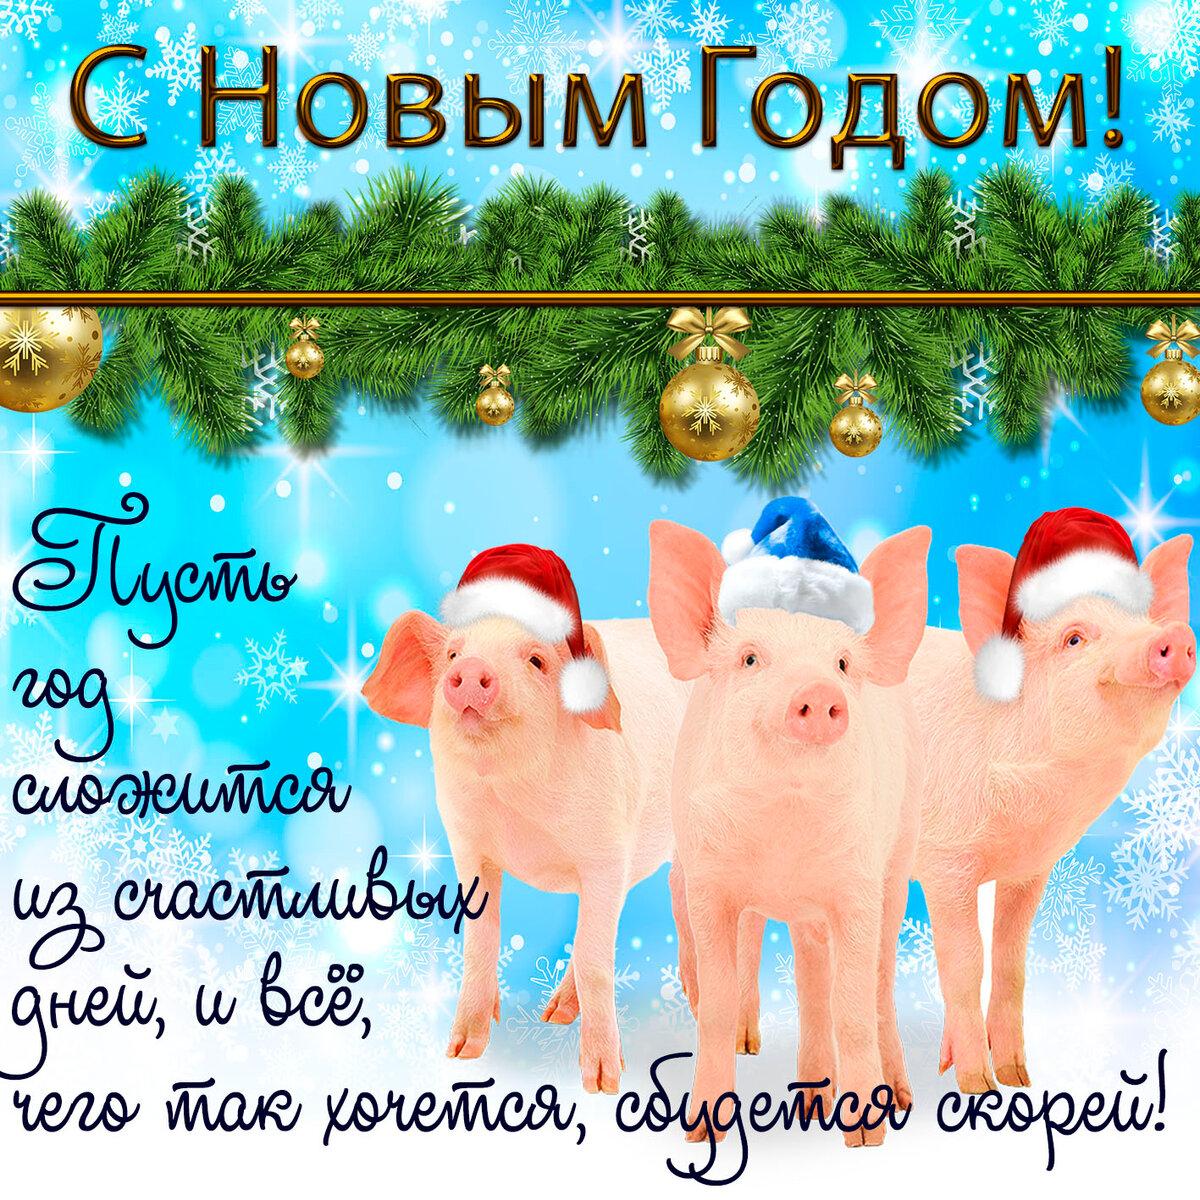 Марта работе, открытки поздравления с наступившим новым годом 2019 свиньи